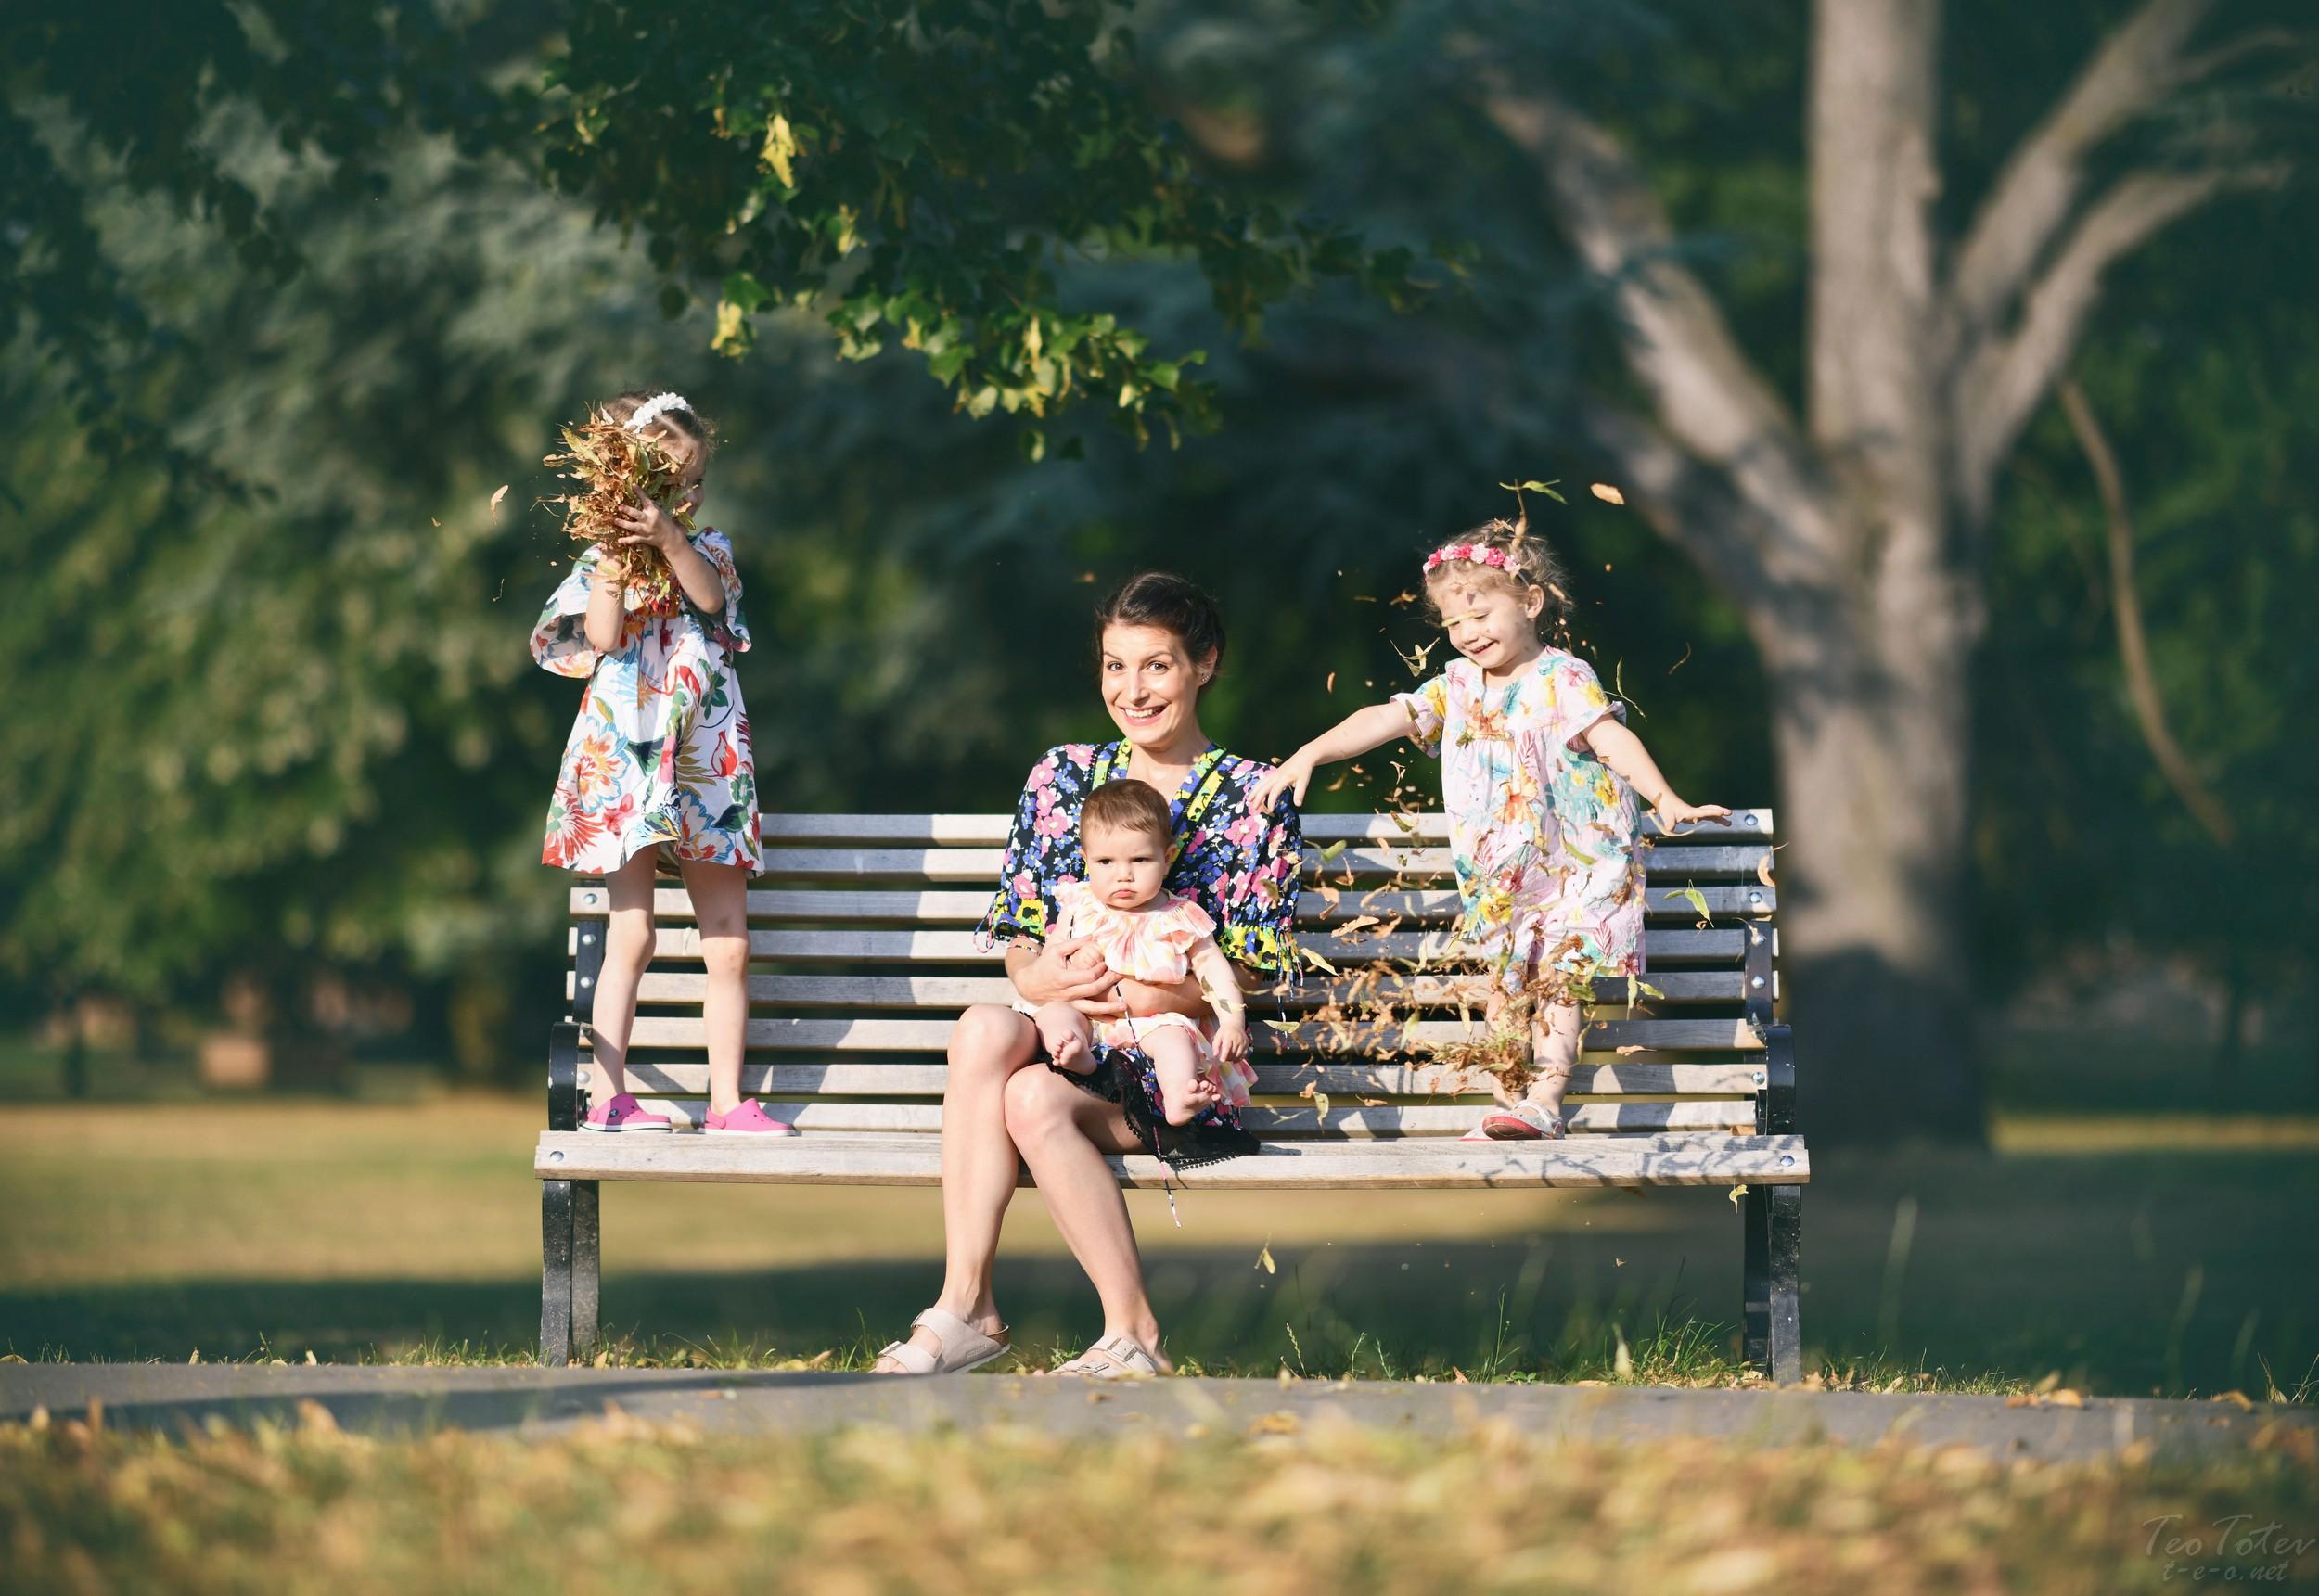 family photoshoot experience london